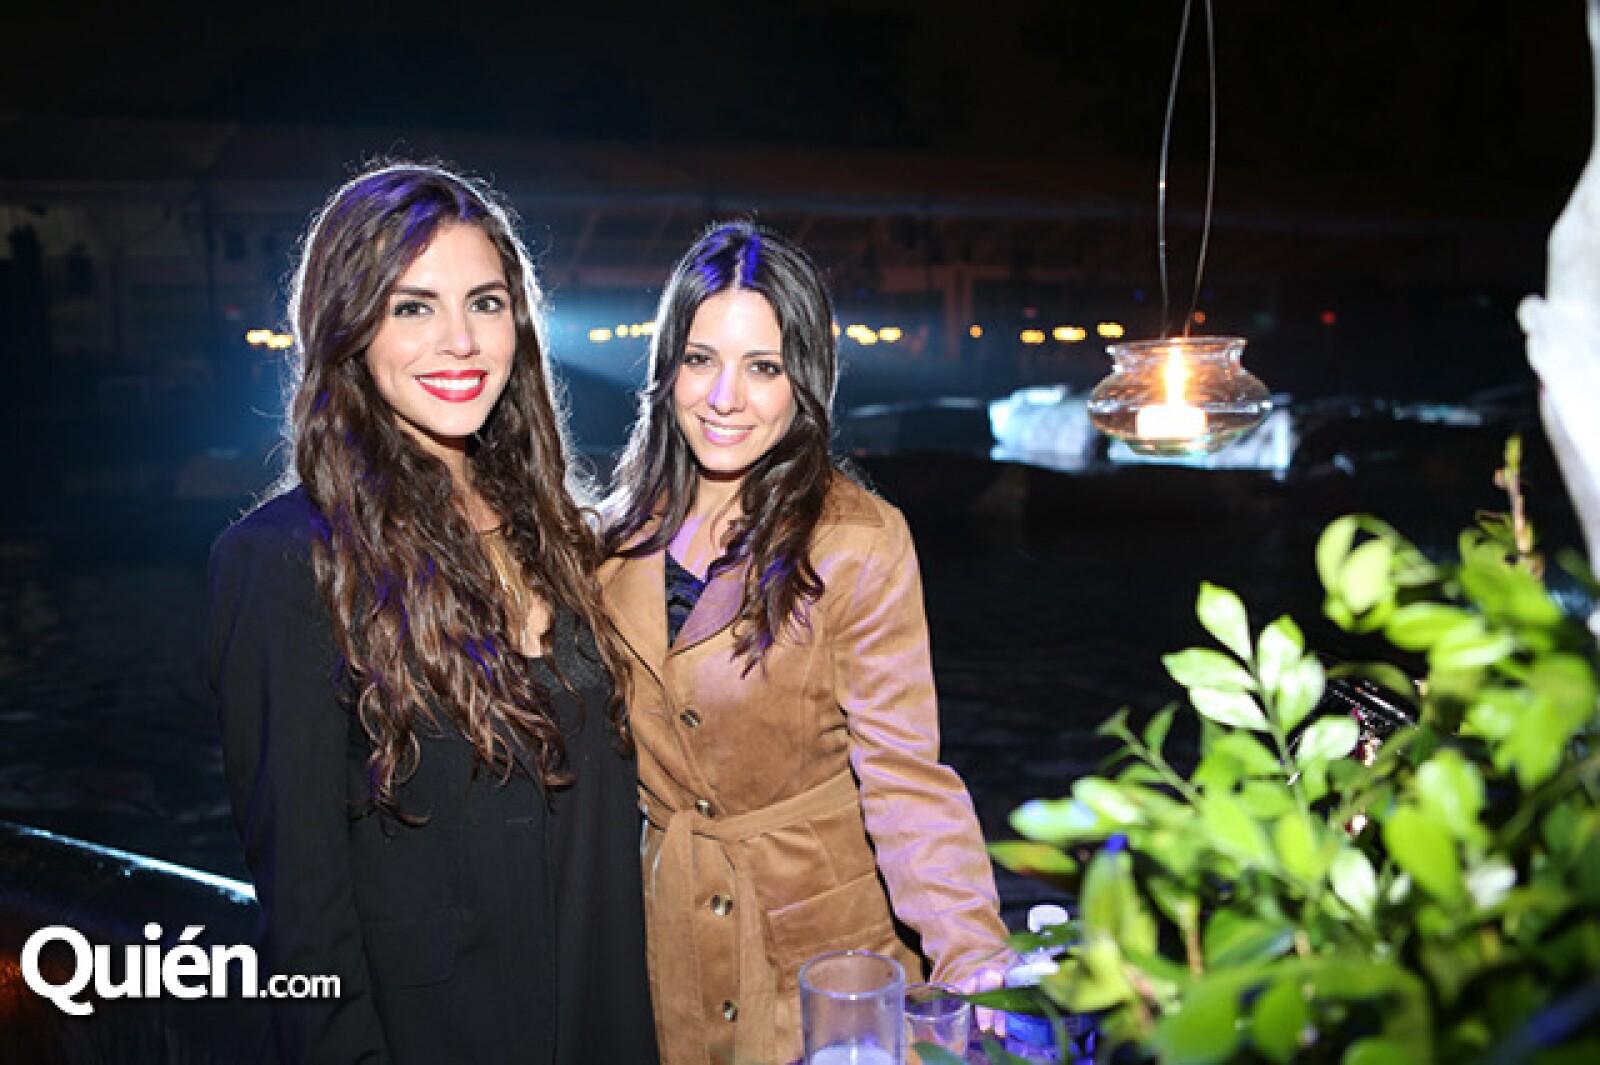 Silvia Gómez y Aroa Gimeno